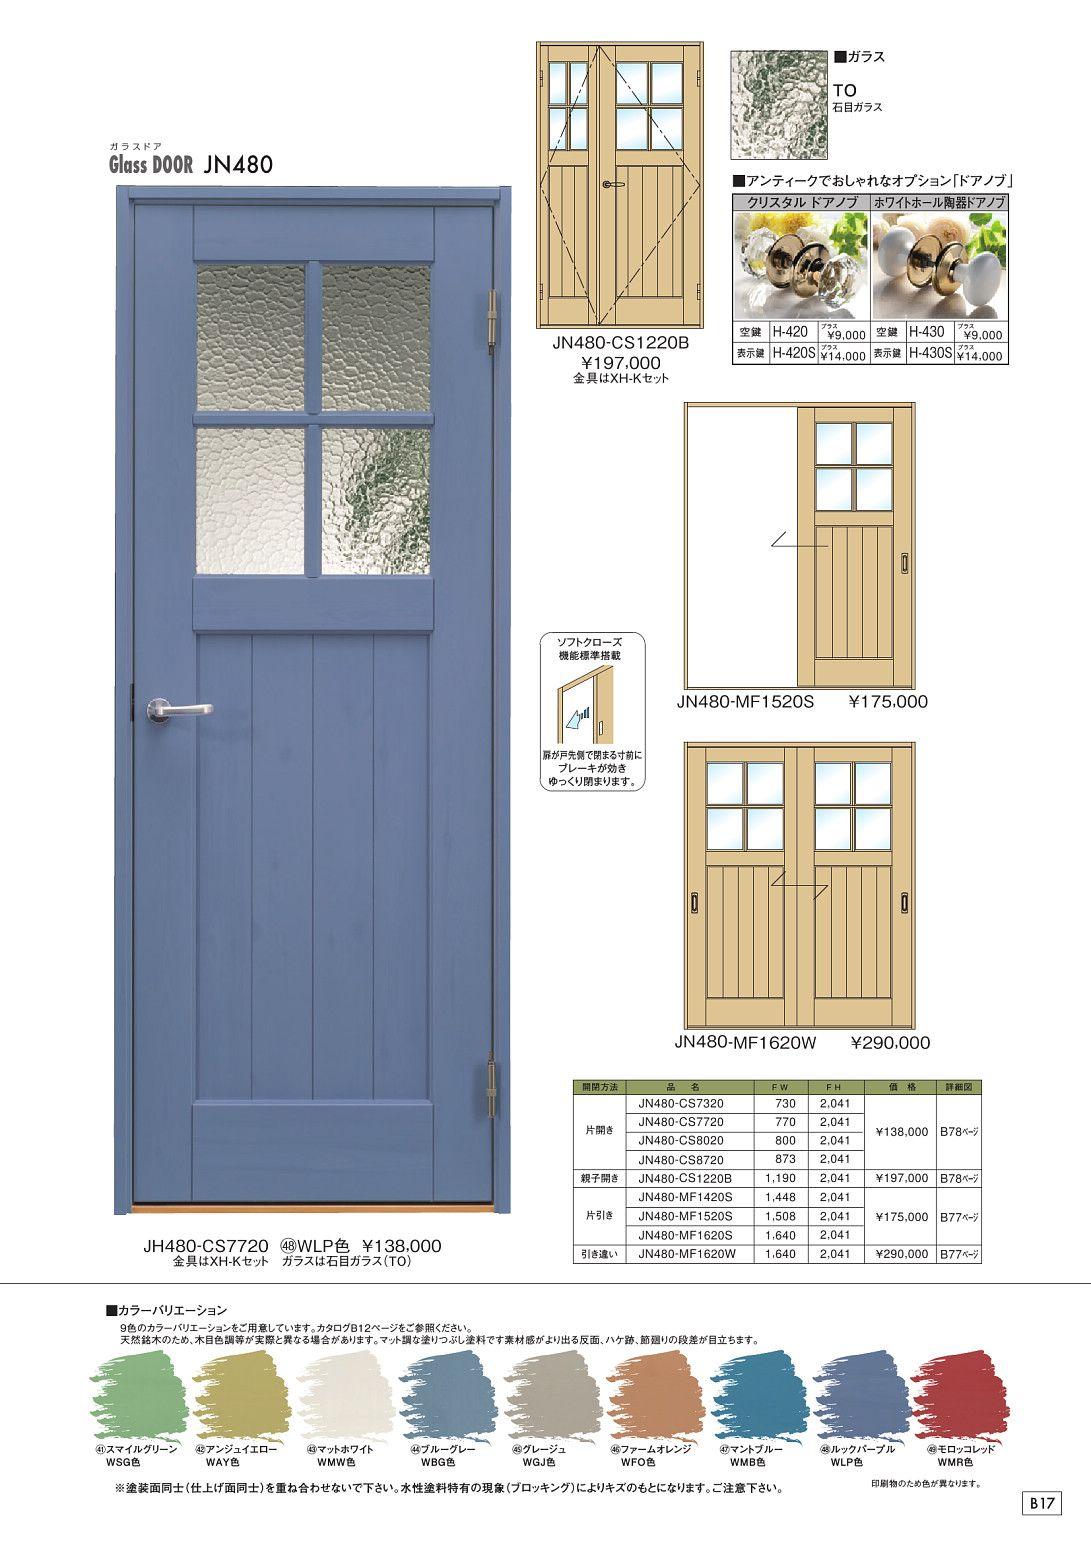 ユダ木工株式会社 木製ドアのカタログvol 36b カタログビュー